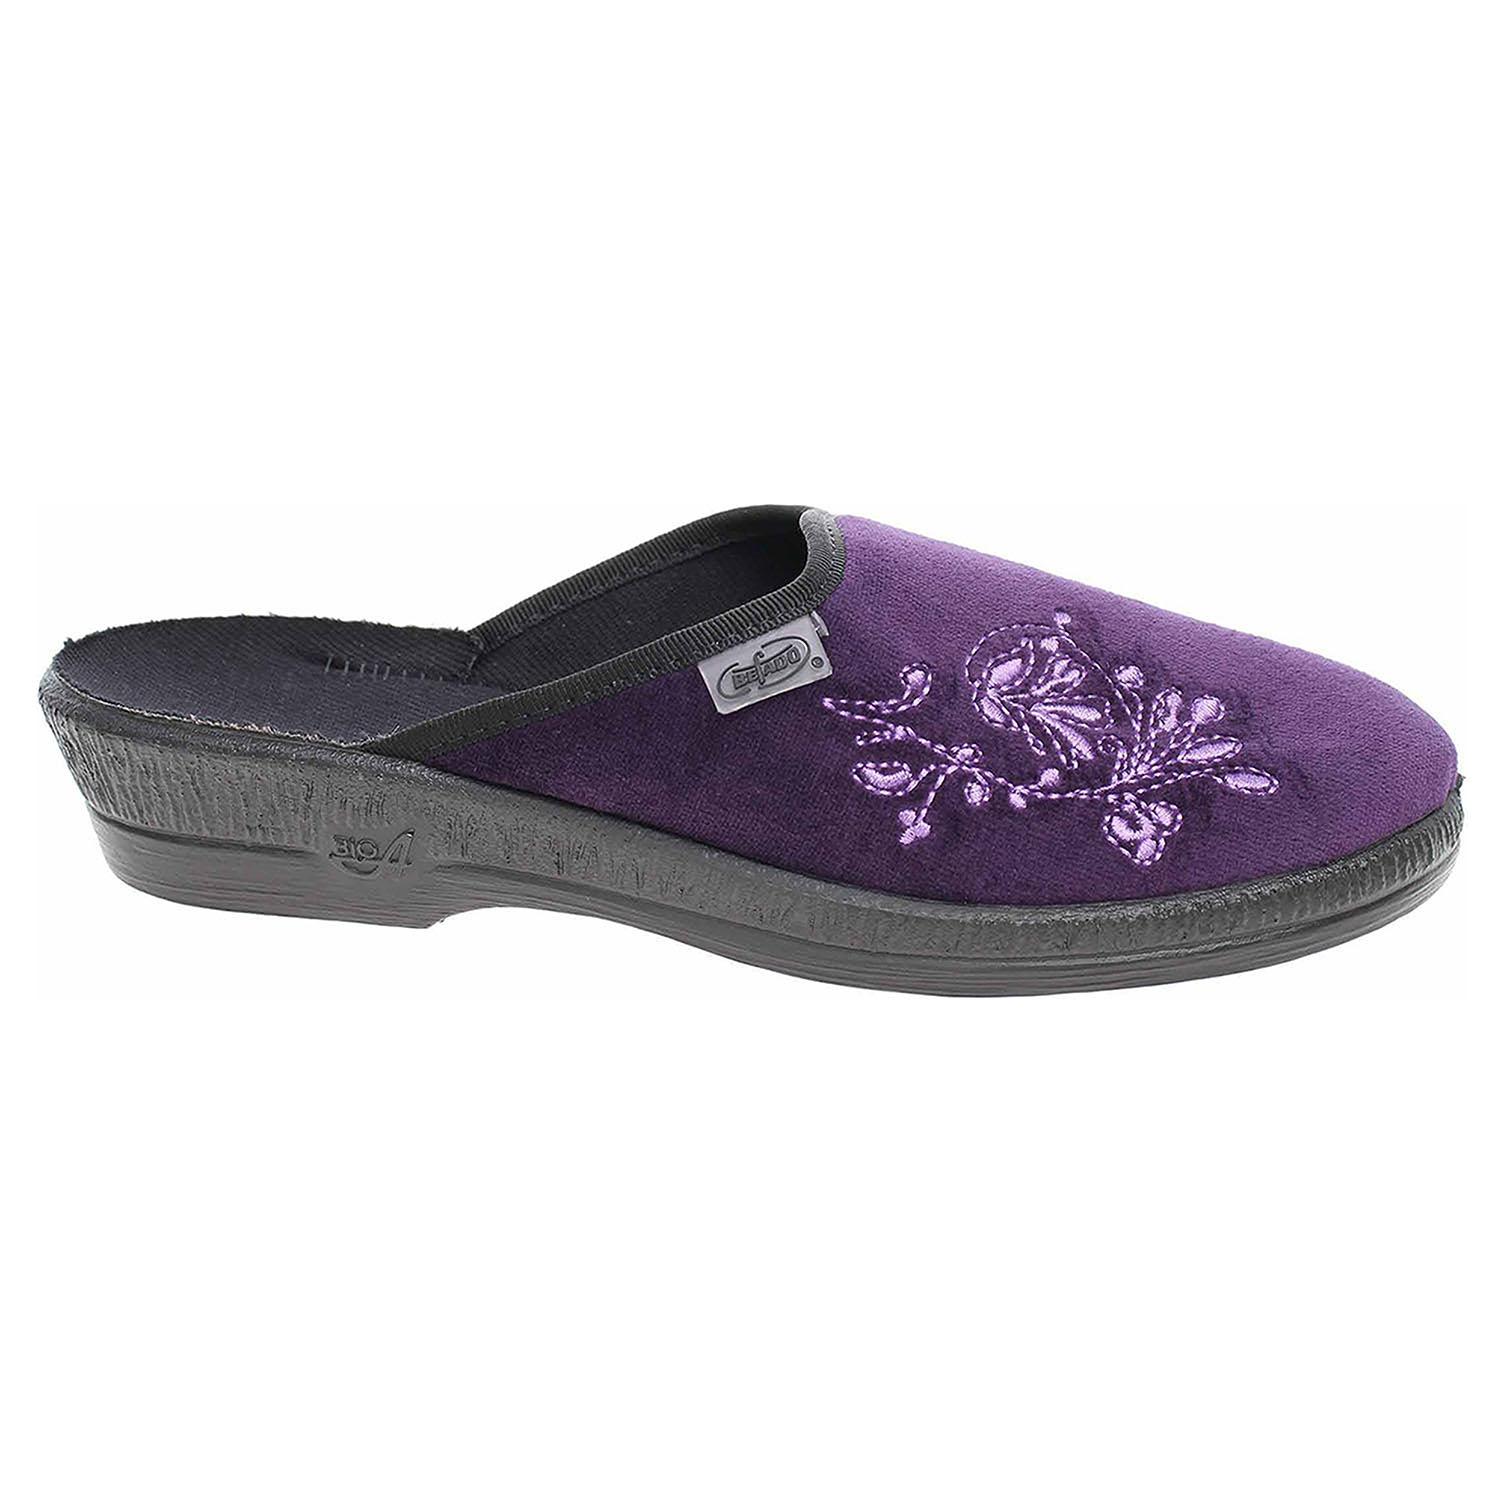 Dámské domácí pantofle Befado 219D425 fialová 219D425 fialová 38